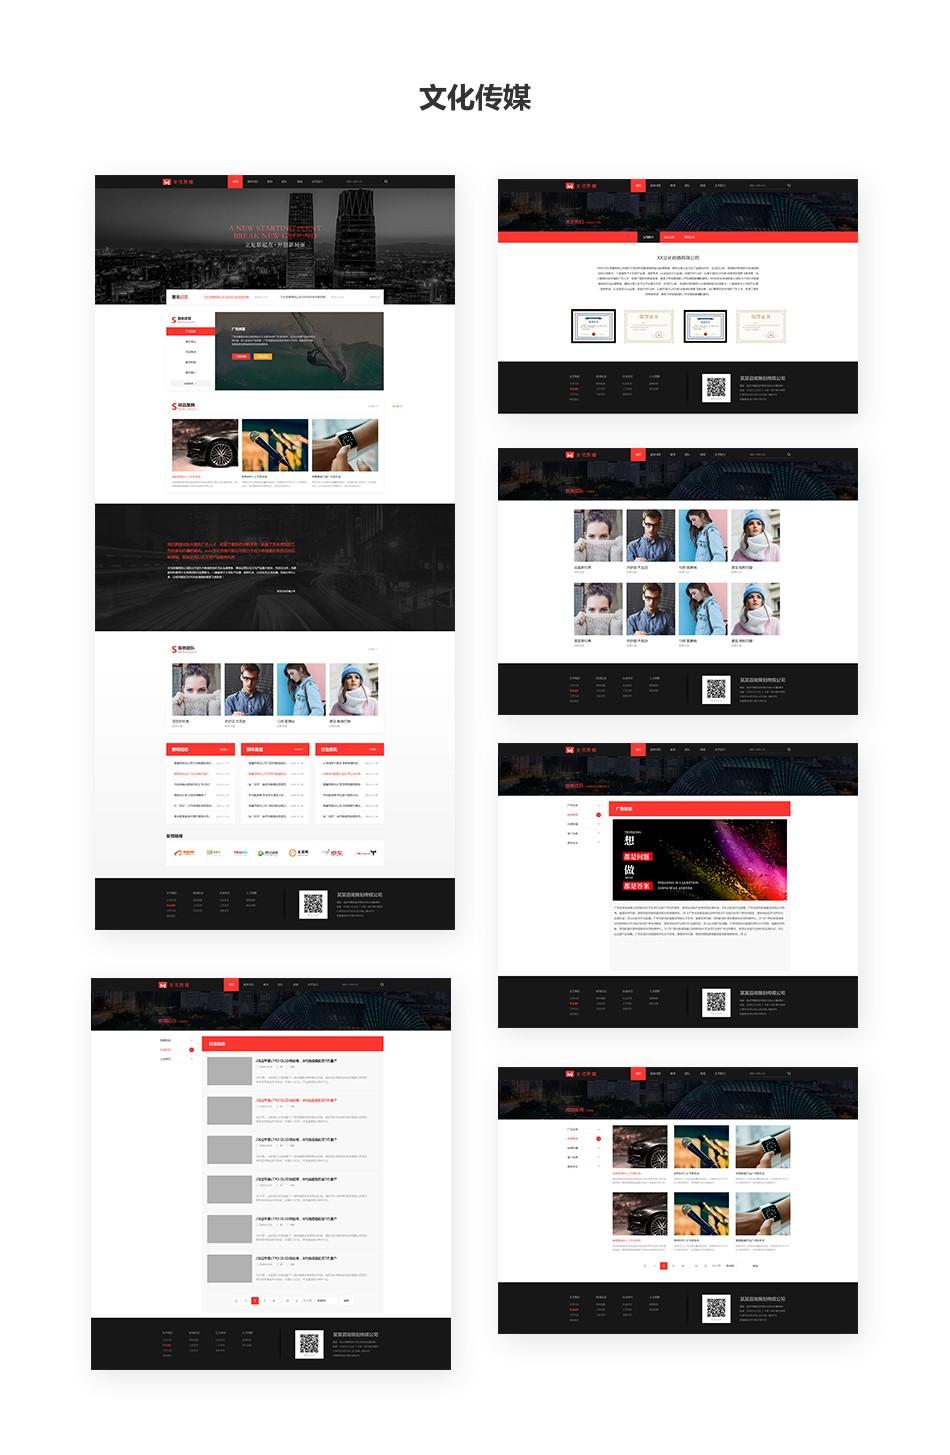 文化传媒网站模板样式-黑红色